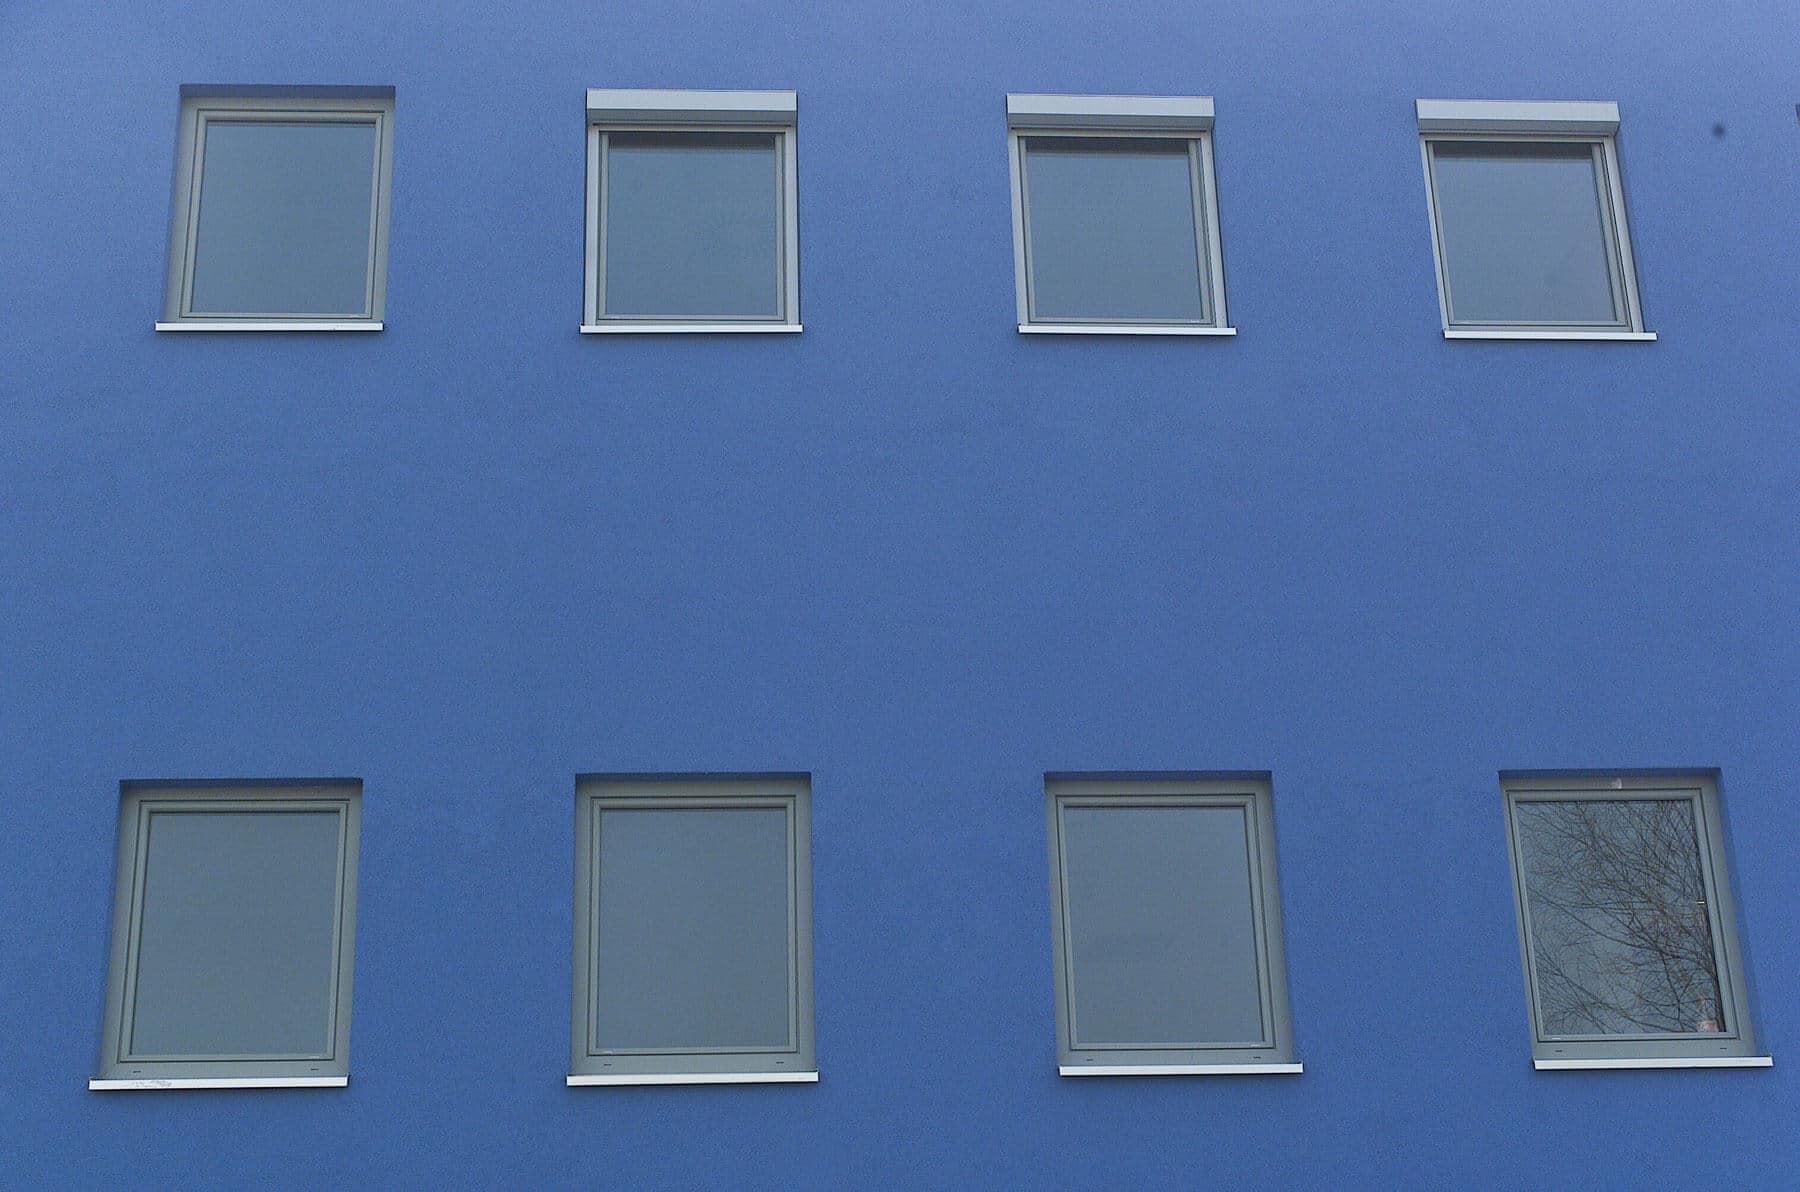 Fenster & Beschattung in grau